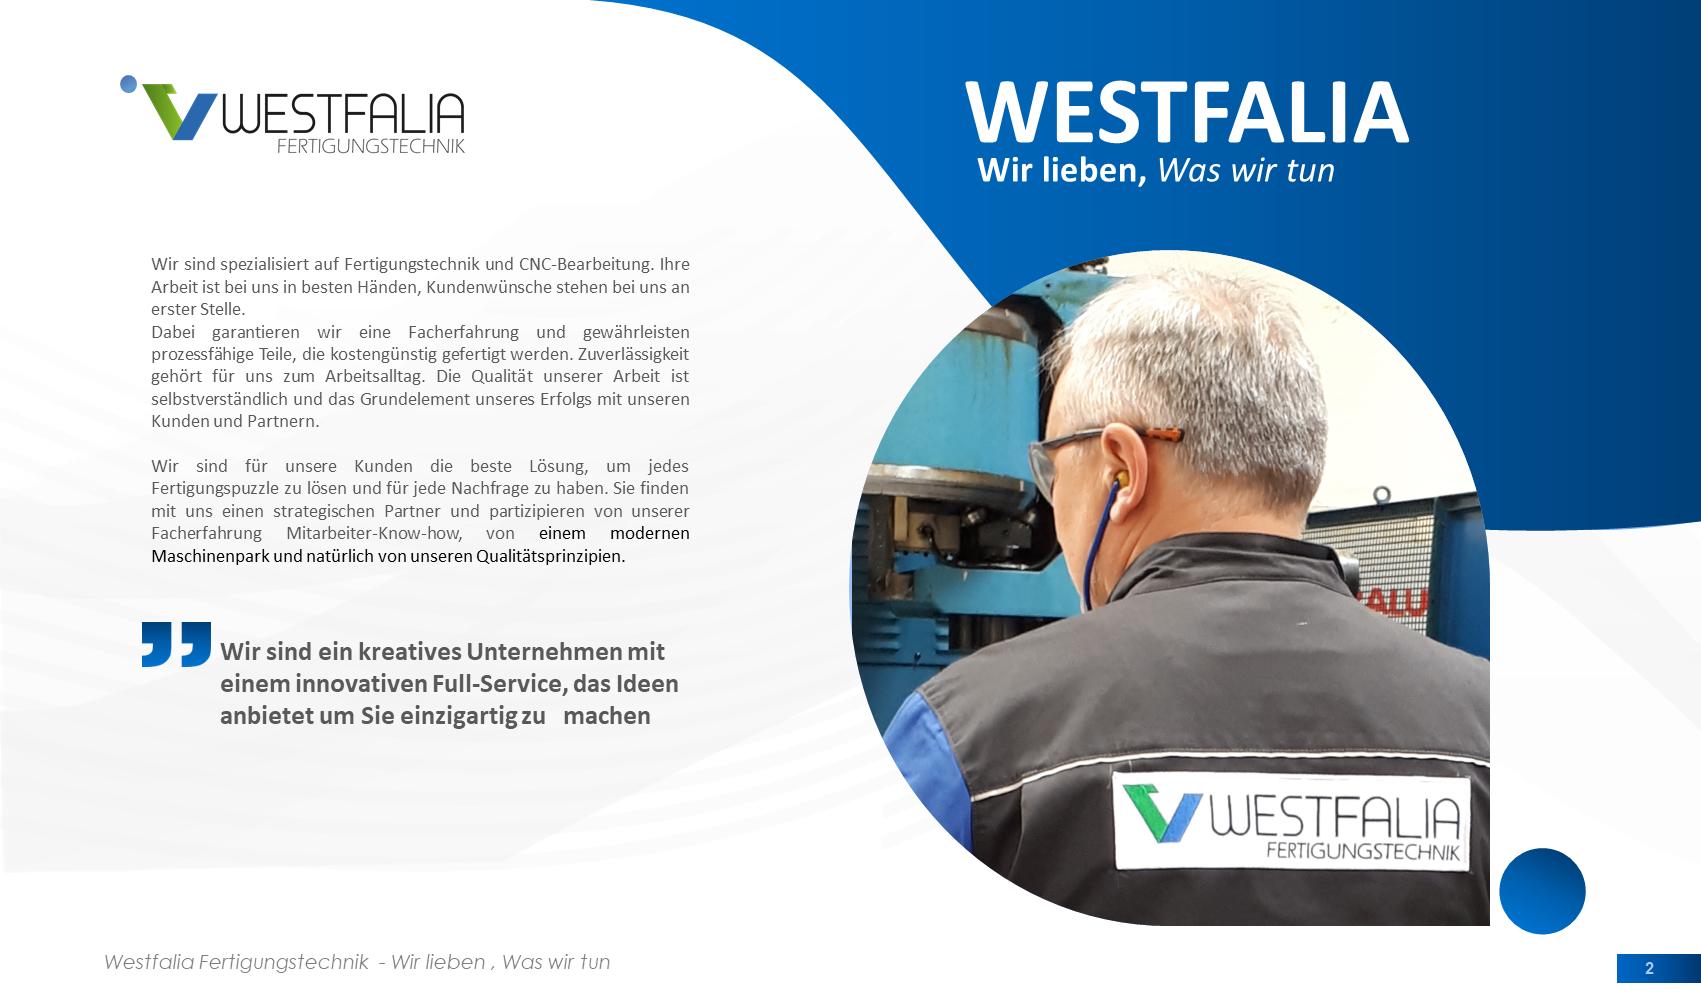 Westfalia-Fertigungstechnik GmbH Detmold